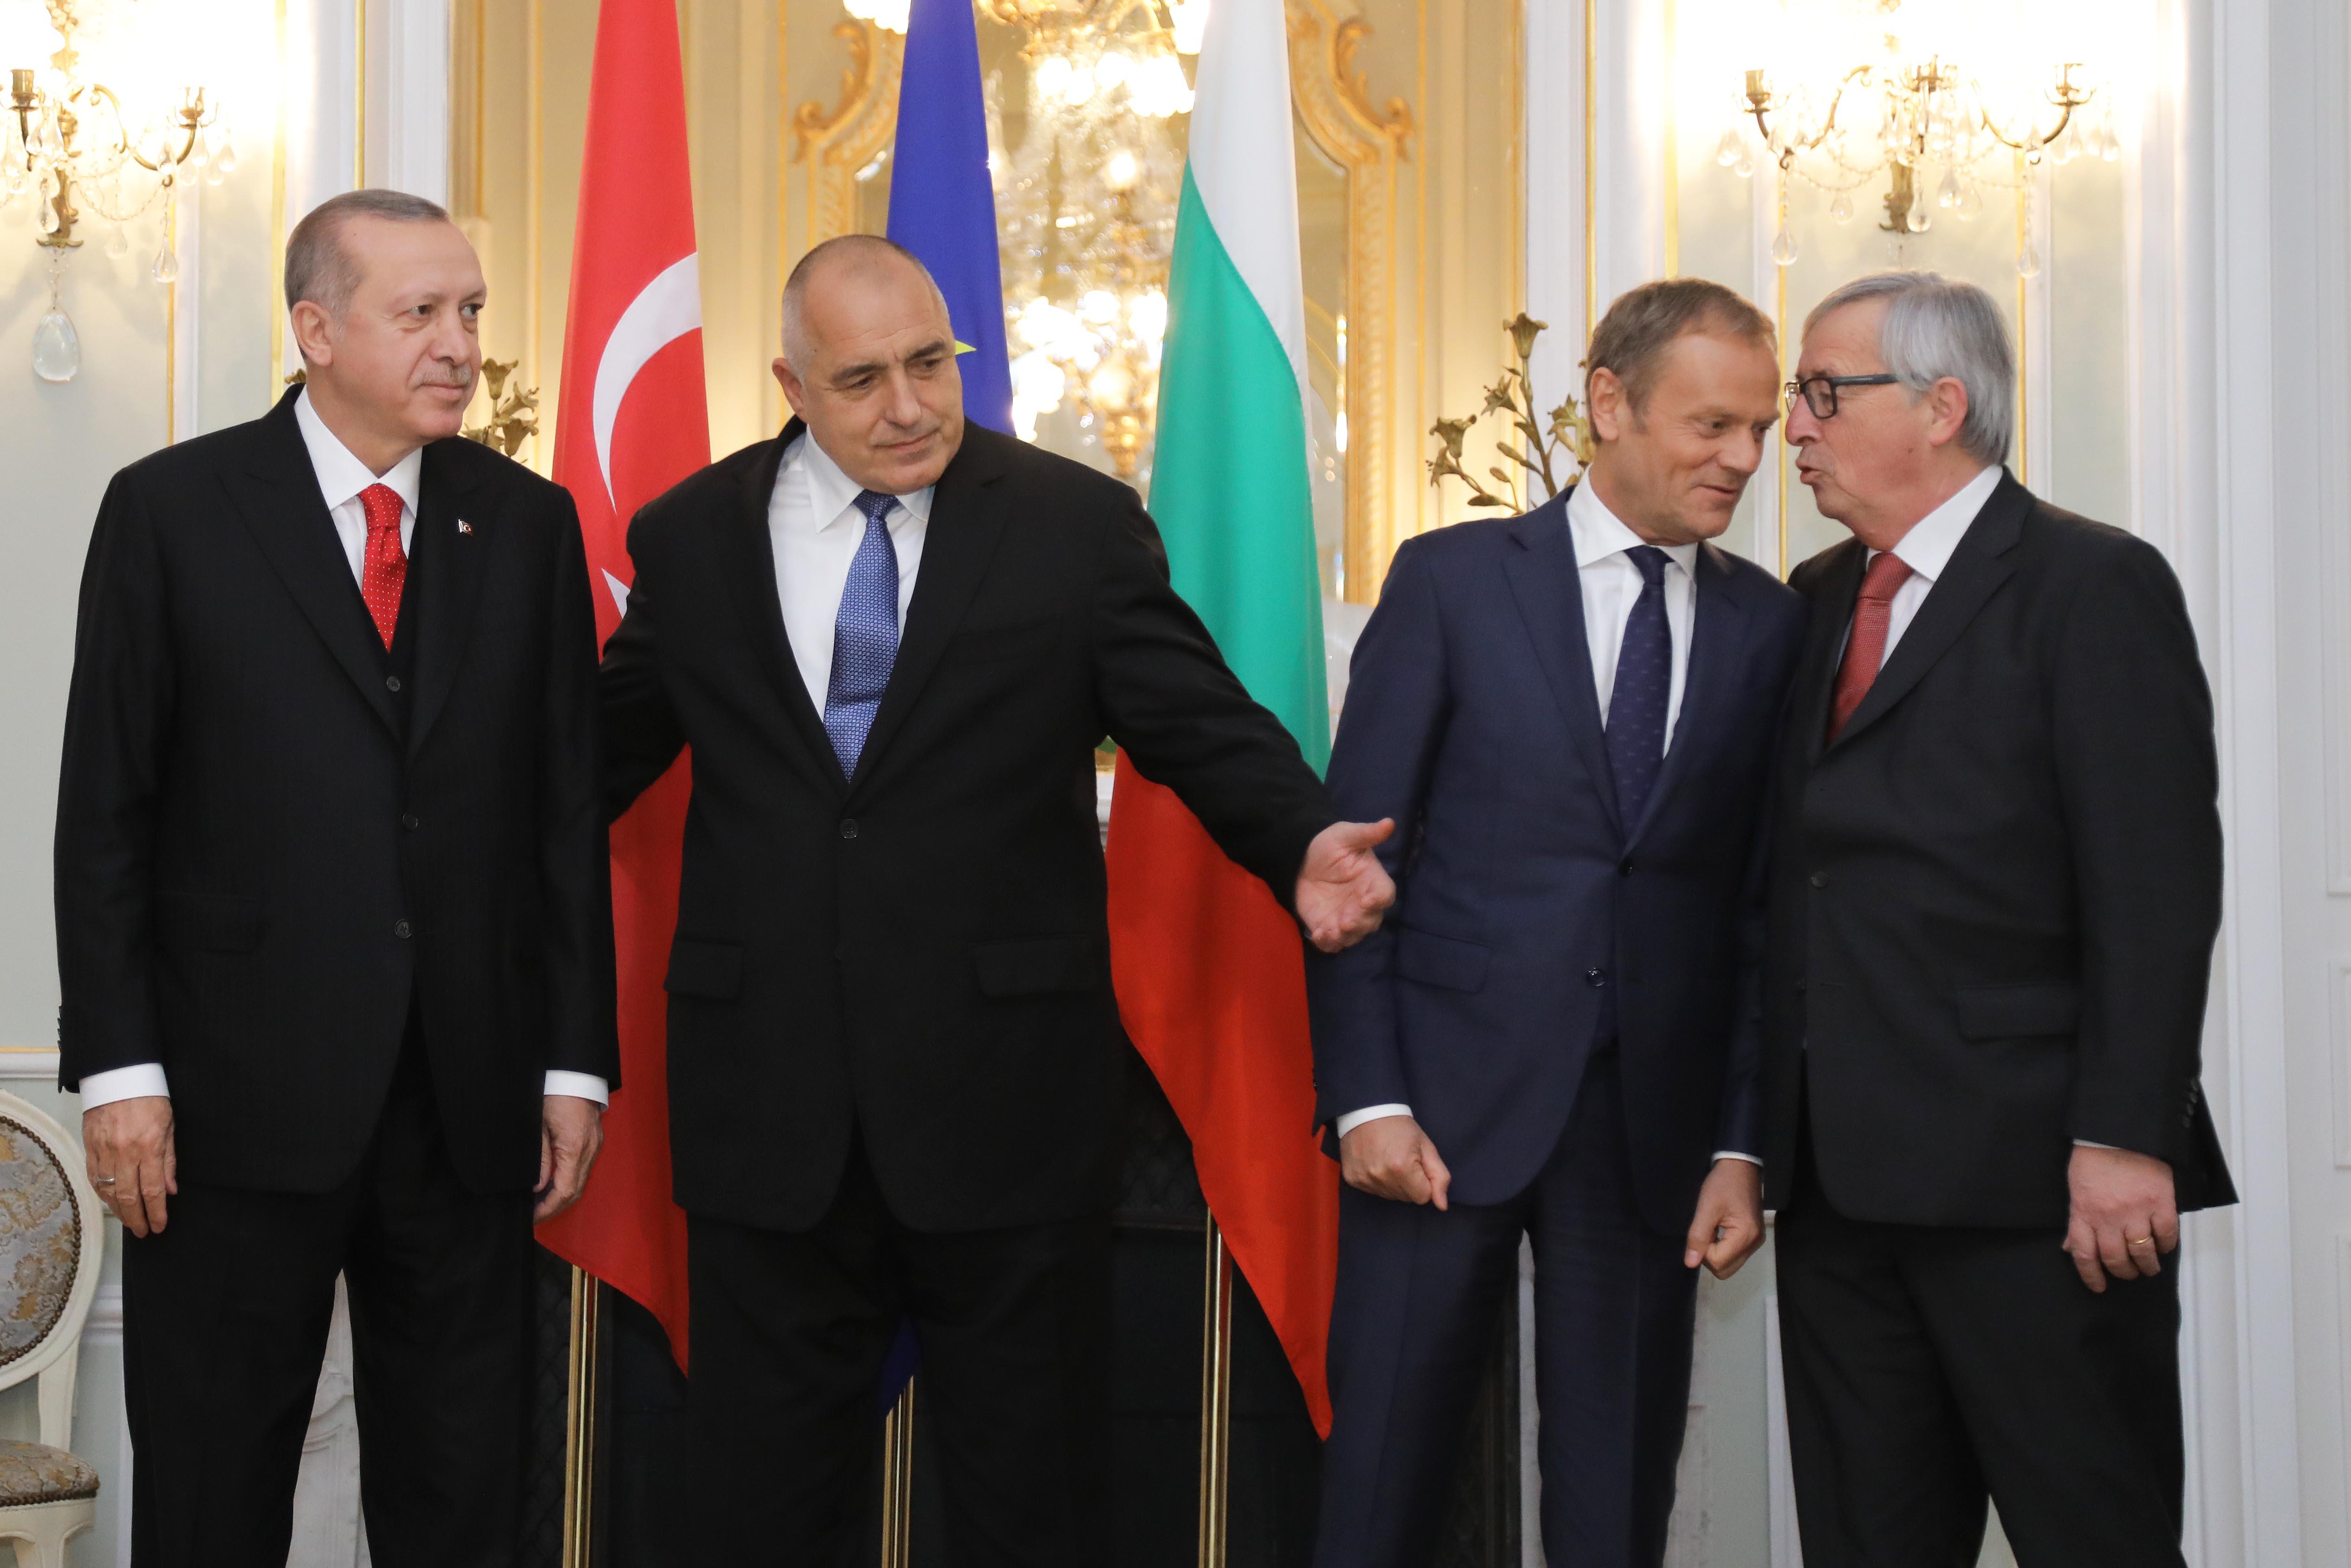 Борисов: Дадох нашите претенции на Ердоган, те също имат